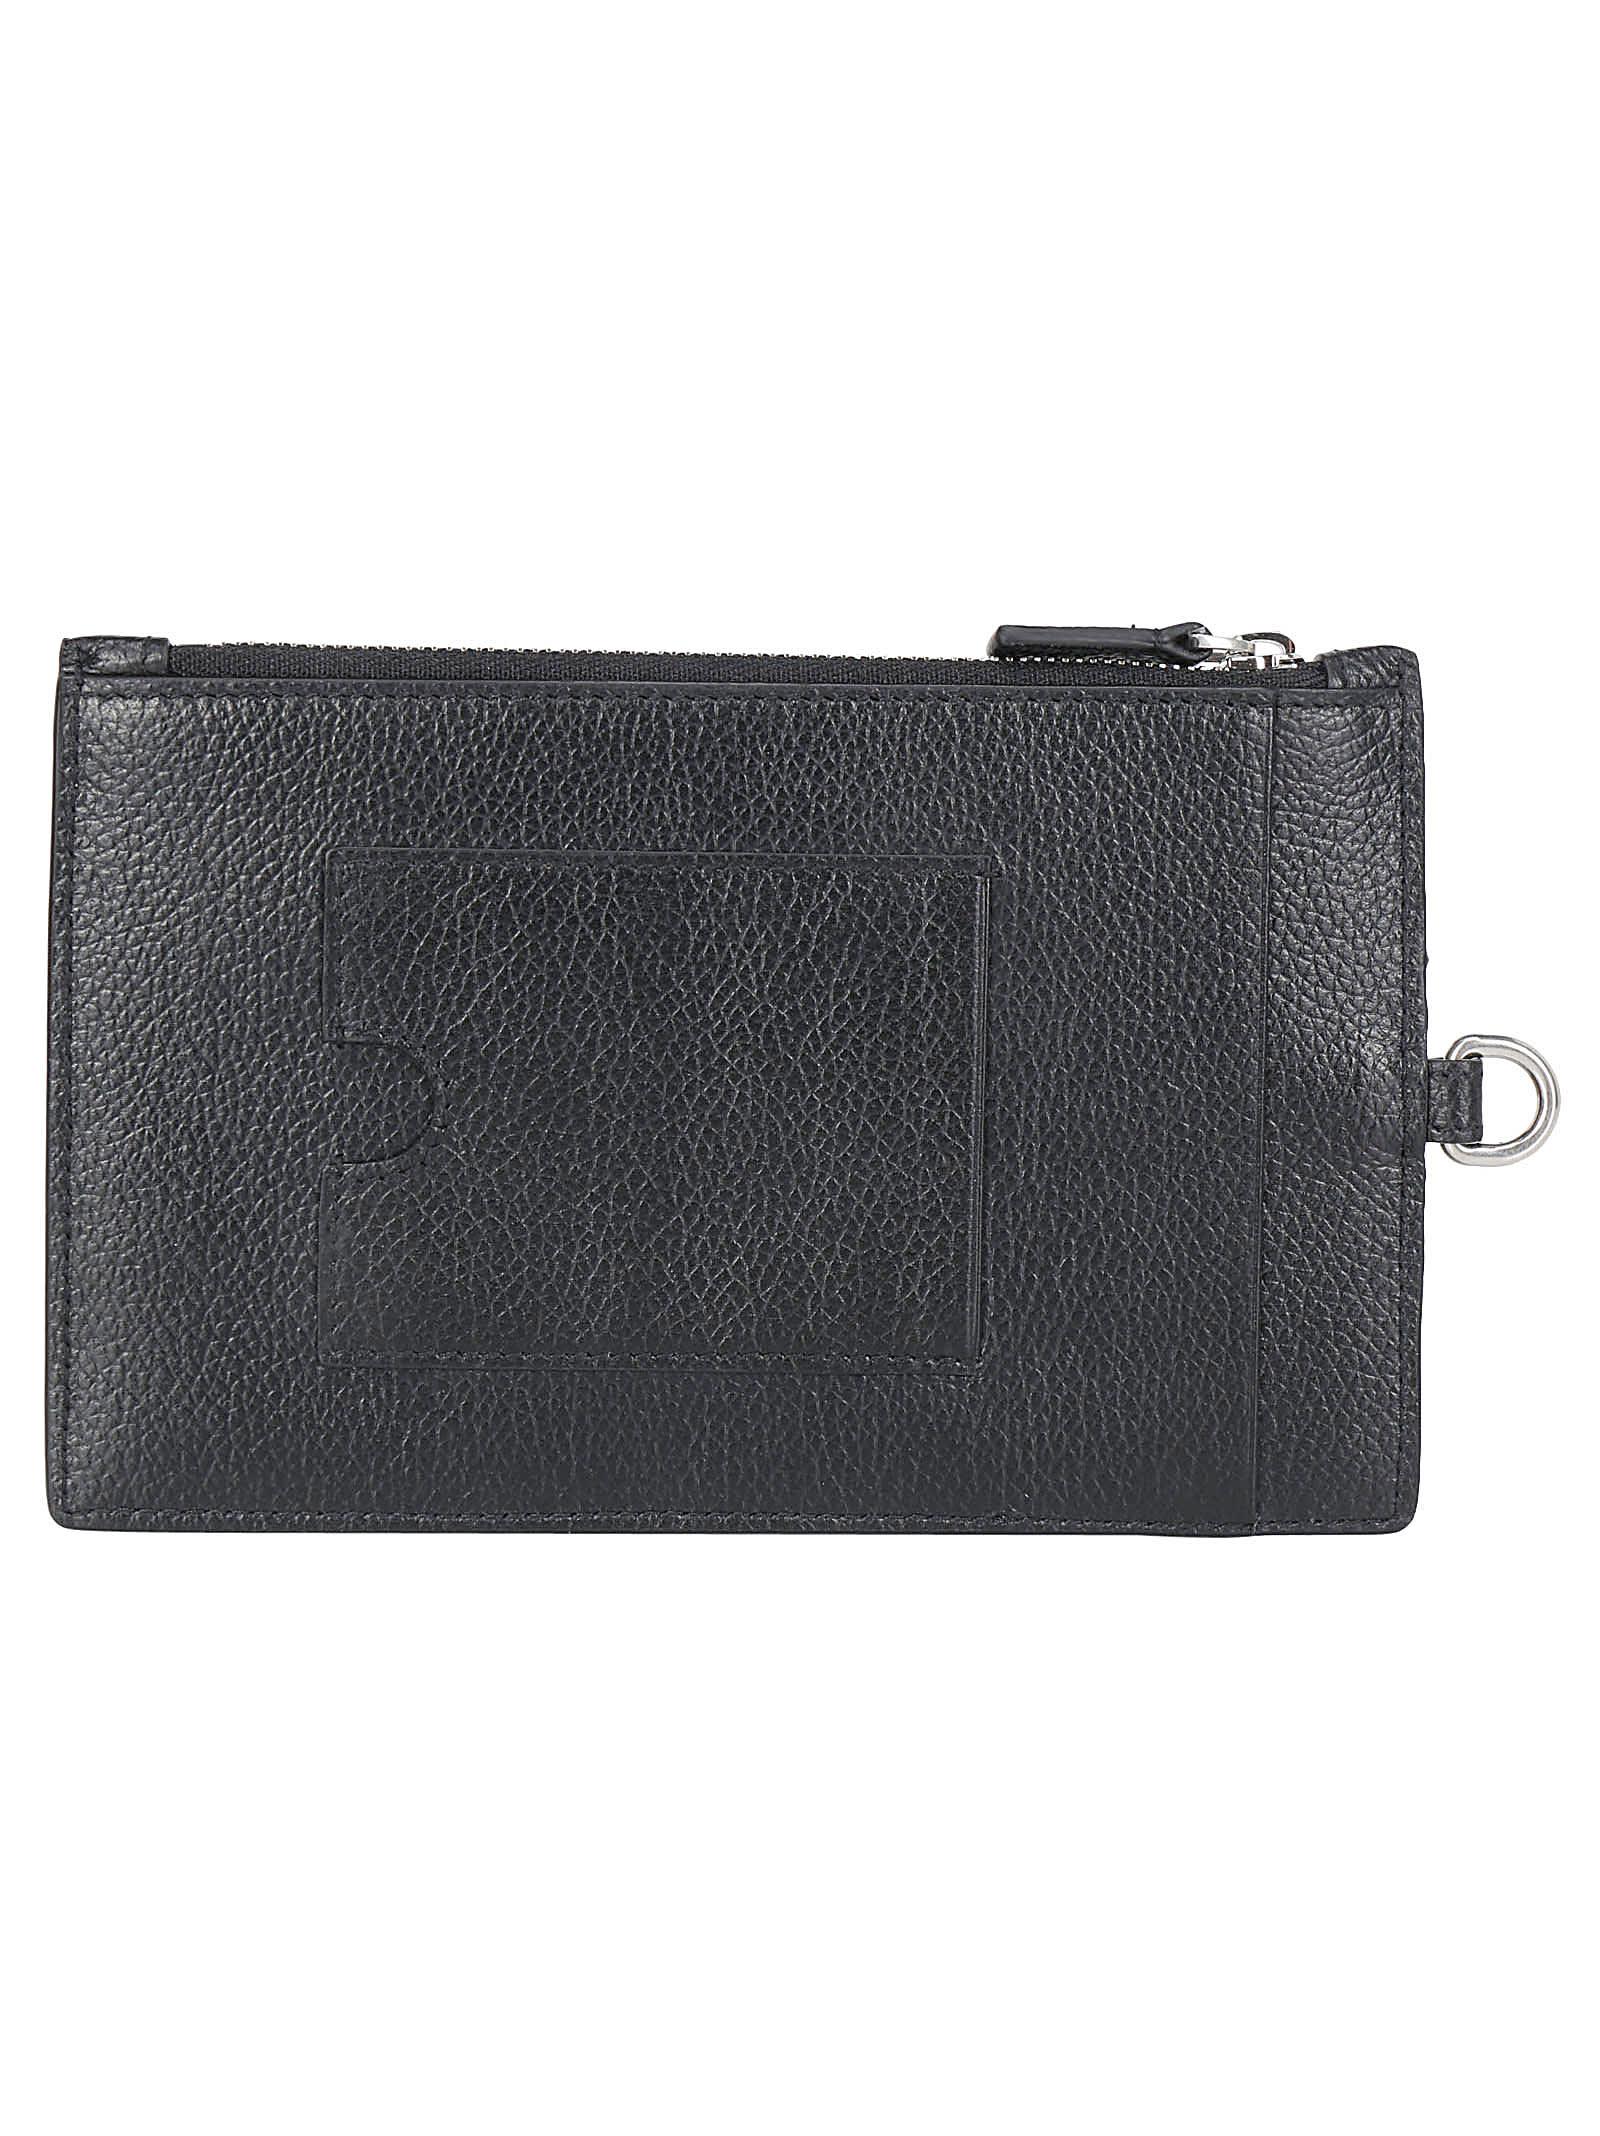 Cheap And Nice Balenciaga Wallet